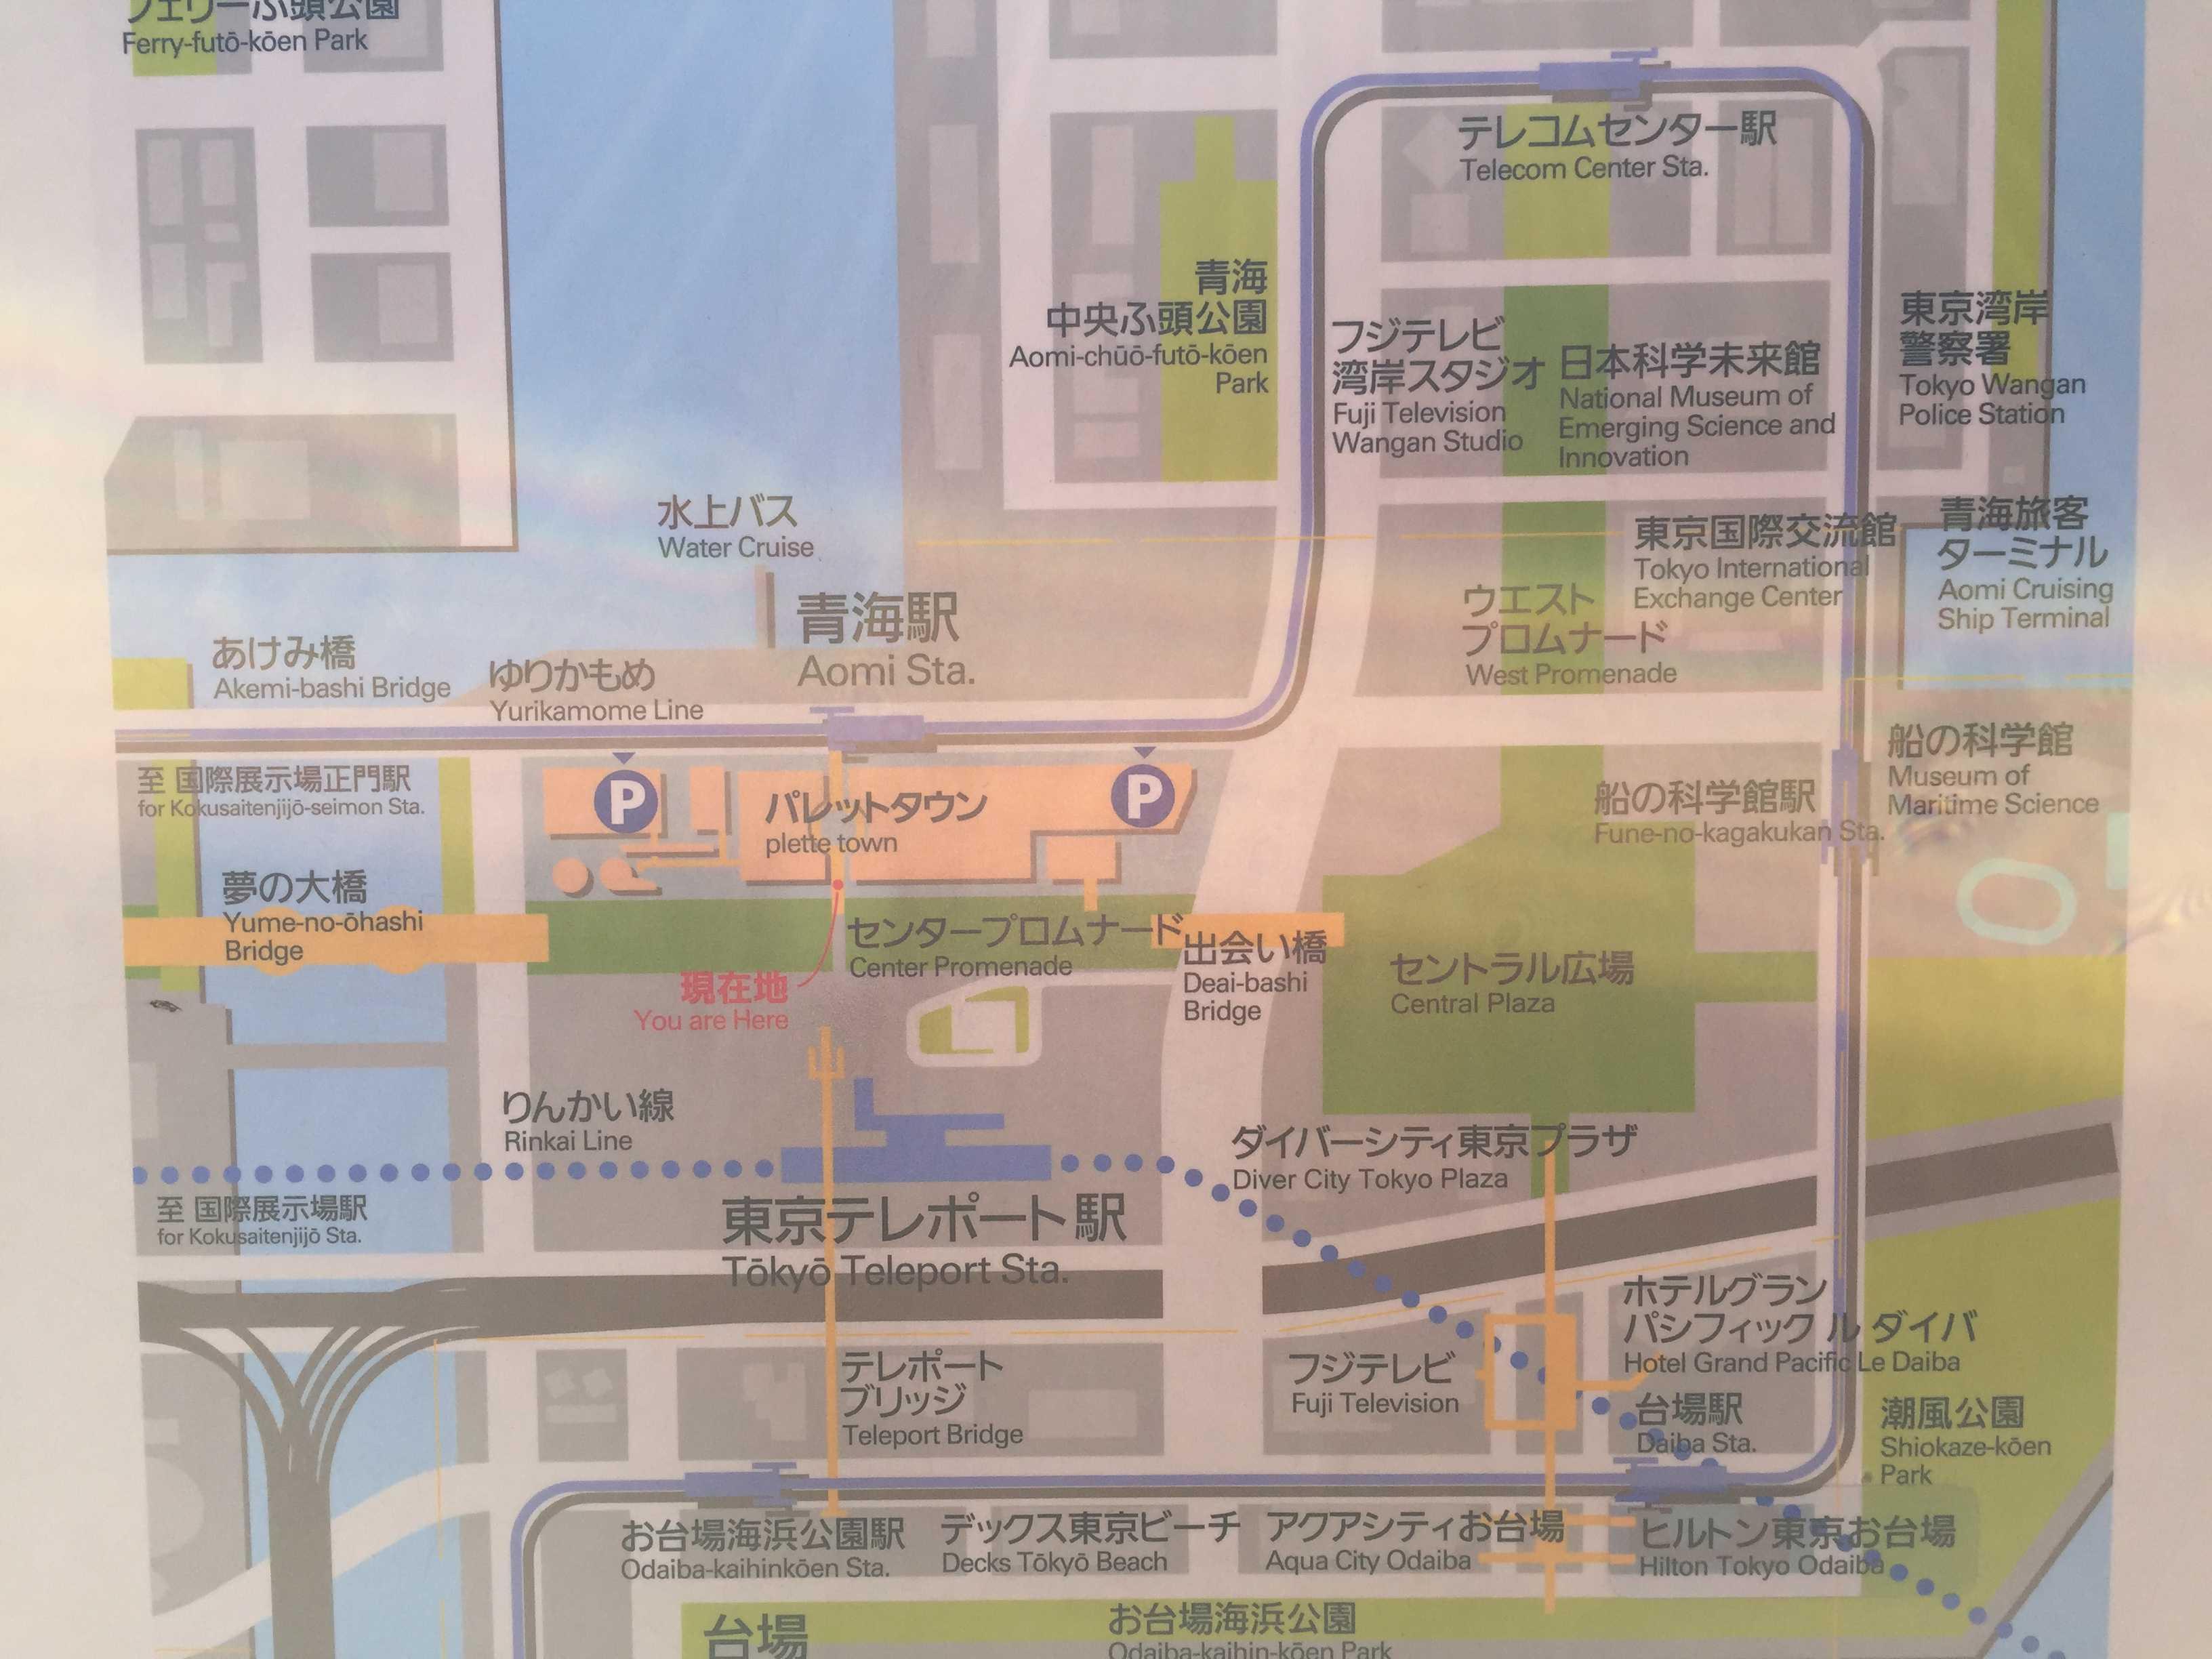 センタープロムナード周辺地図